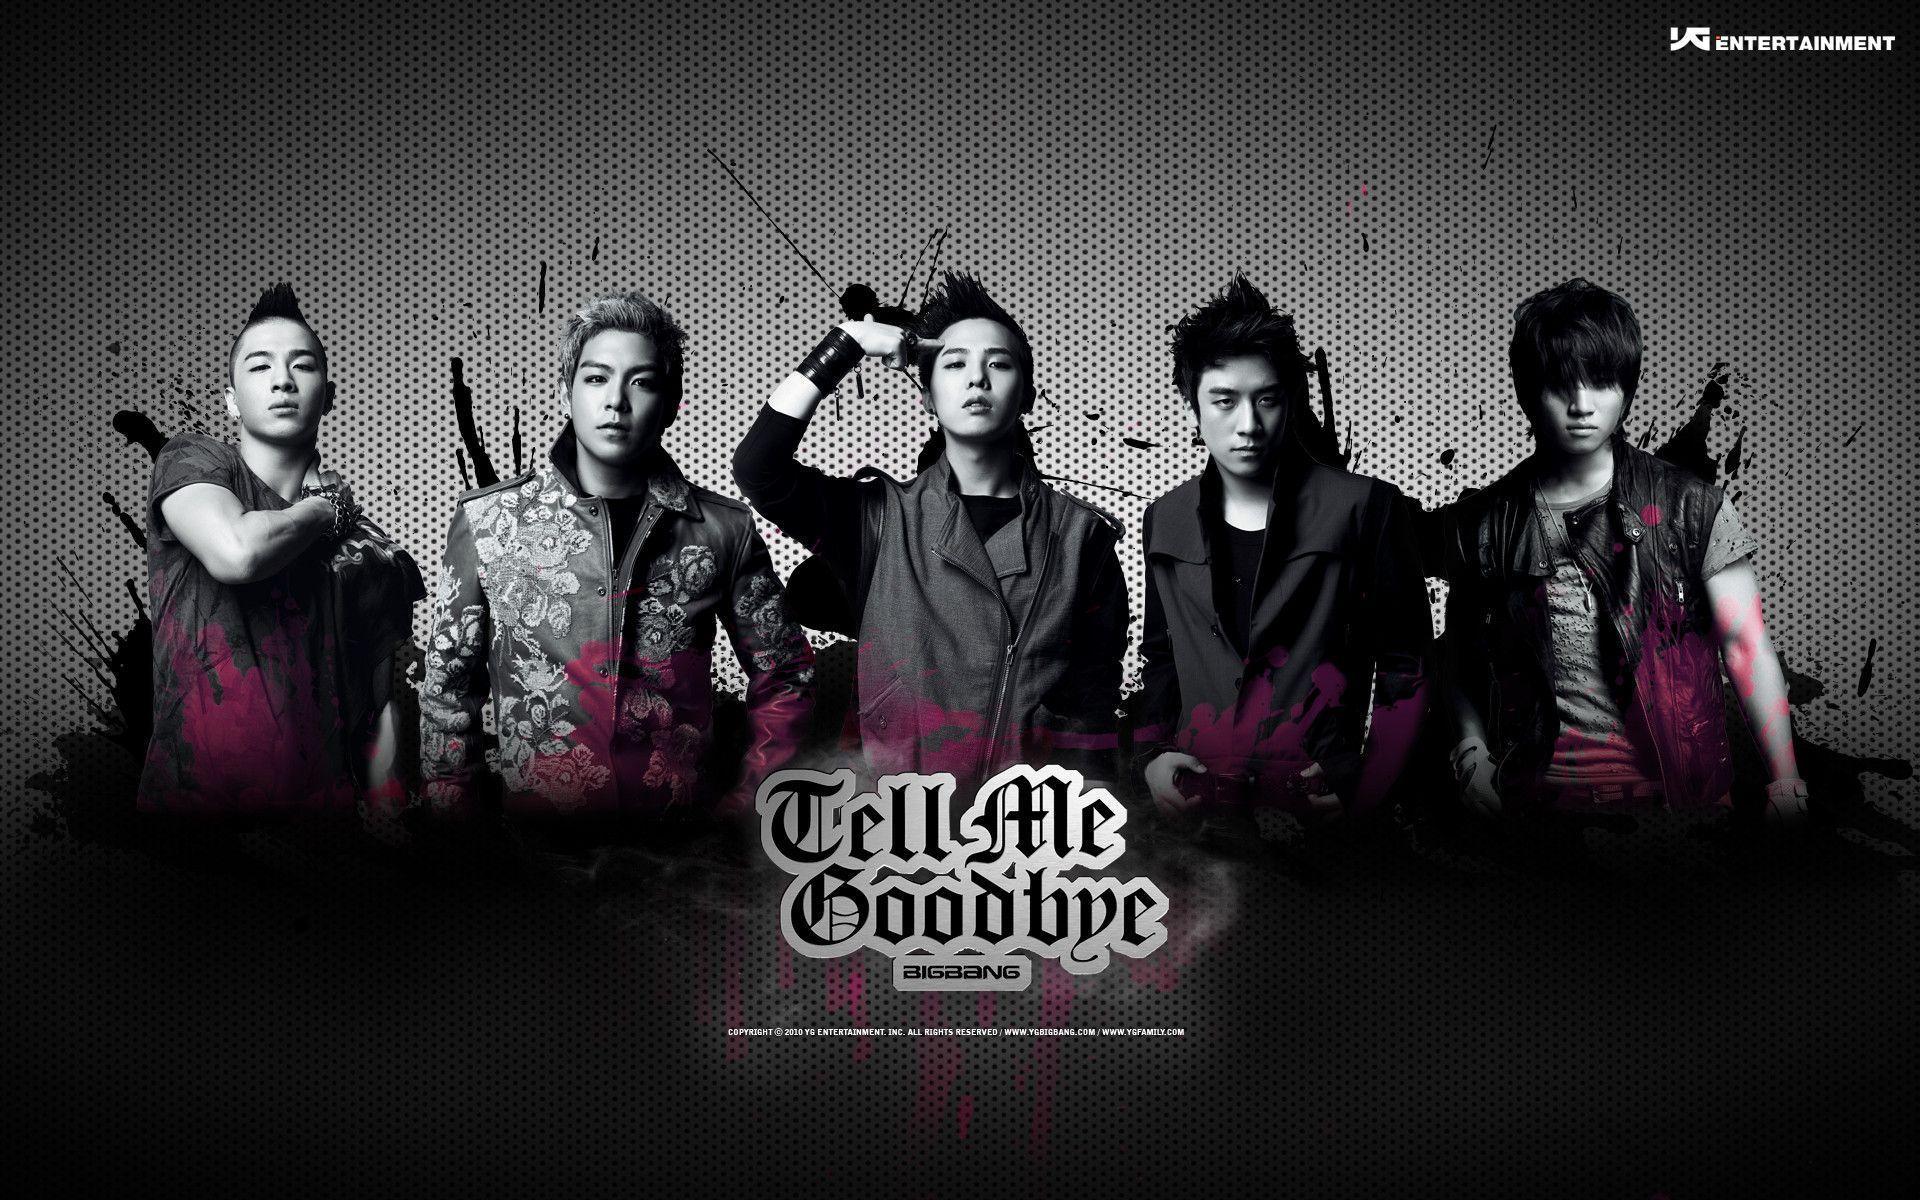 big bang kpop wallpaper 2013 - photo #17